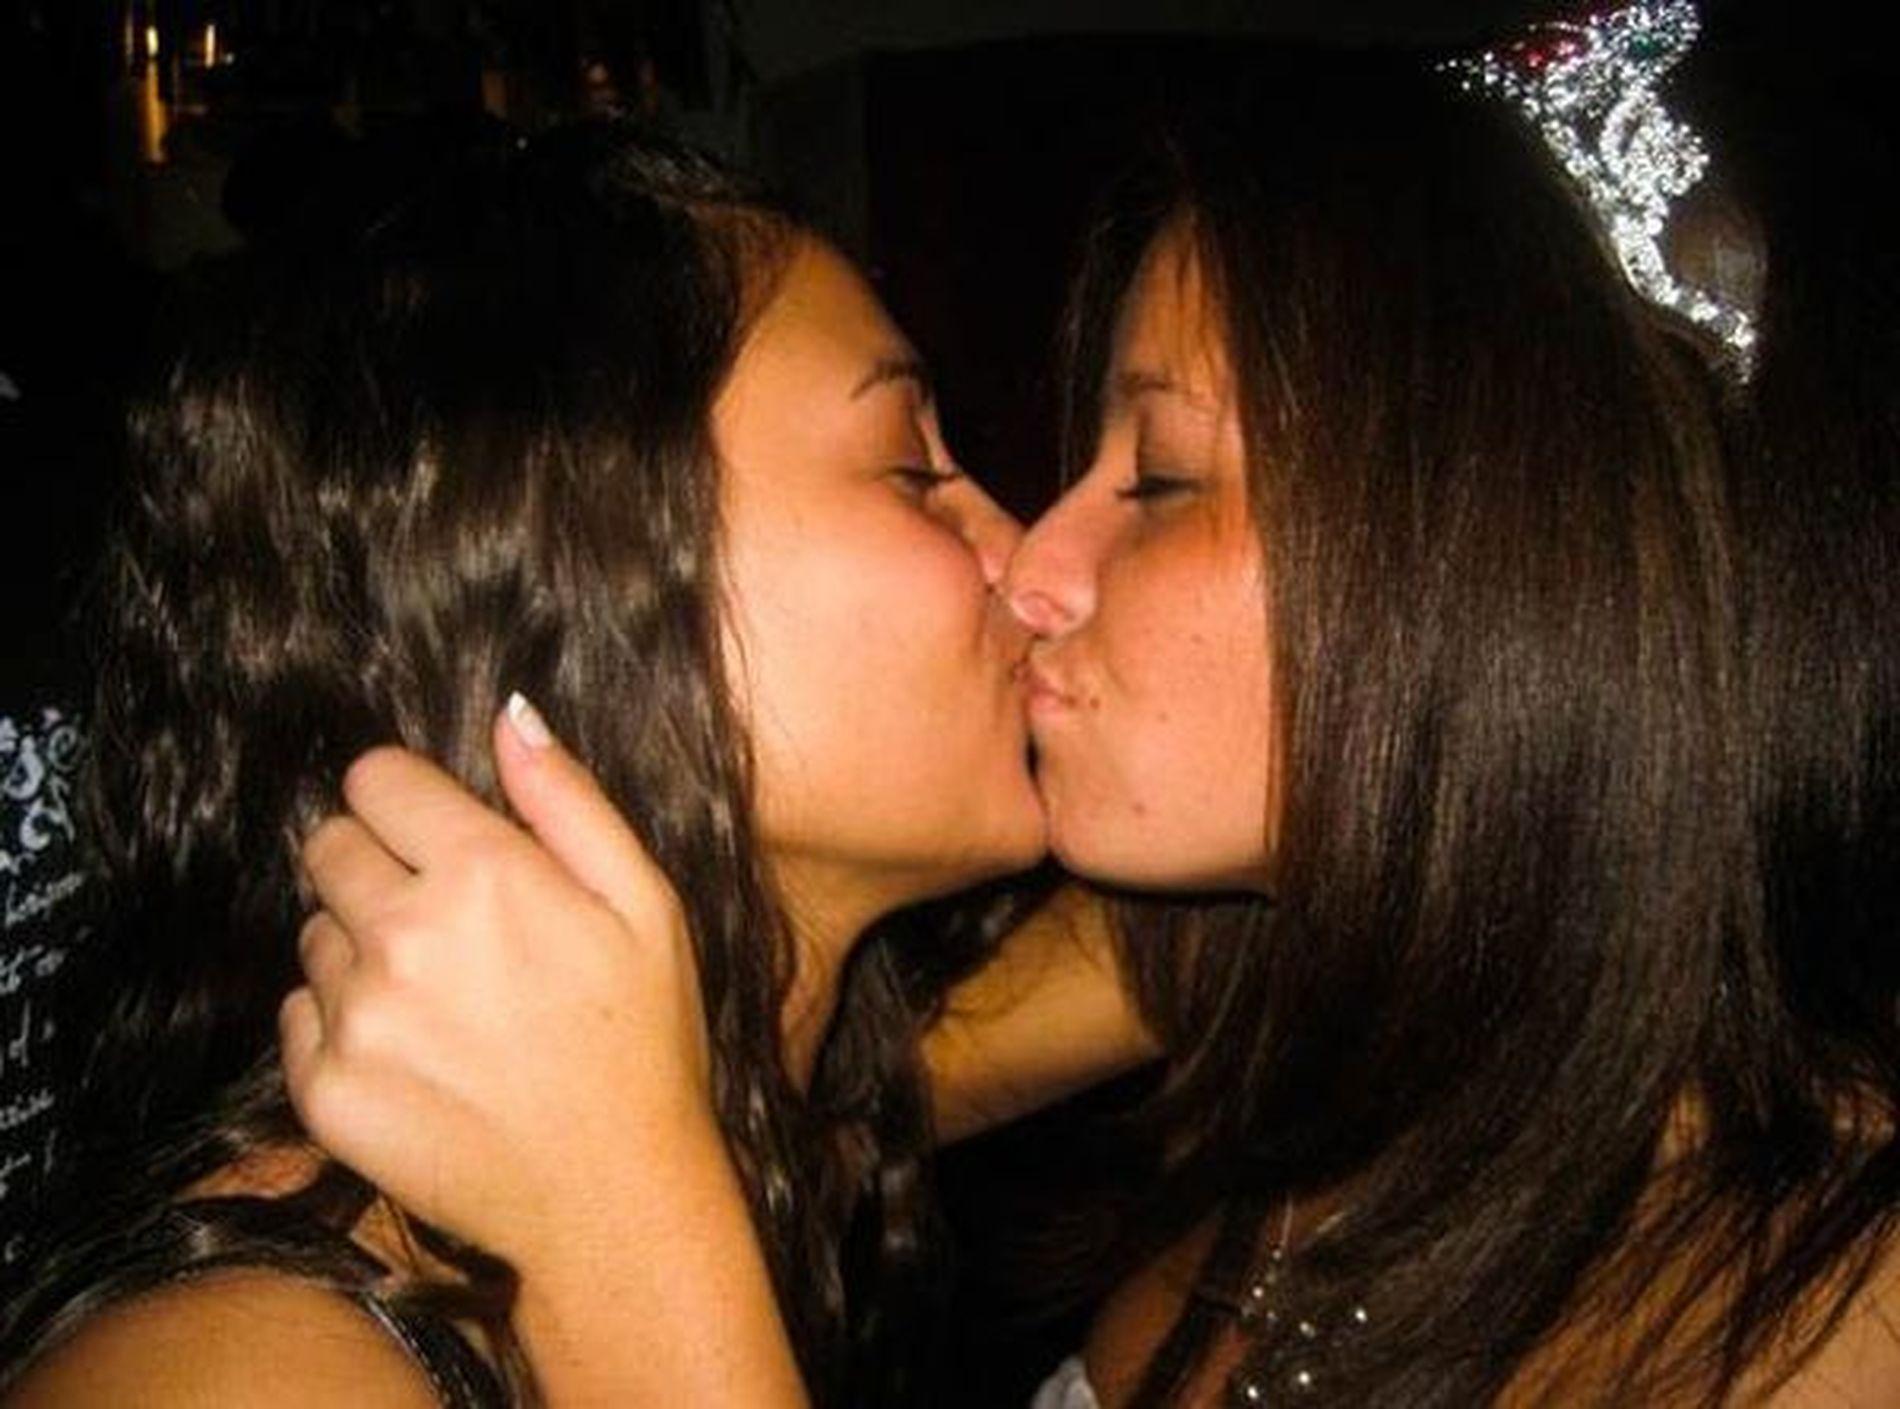 Арабские девушки целуются — photo 1